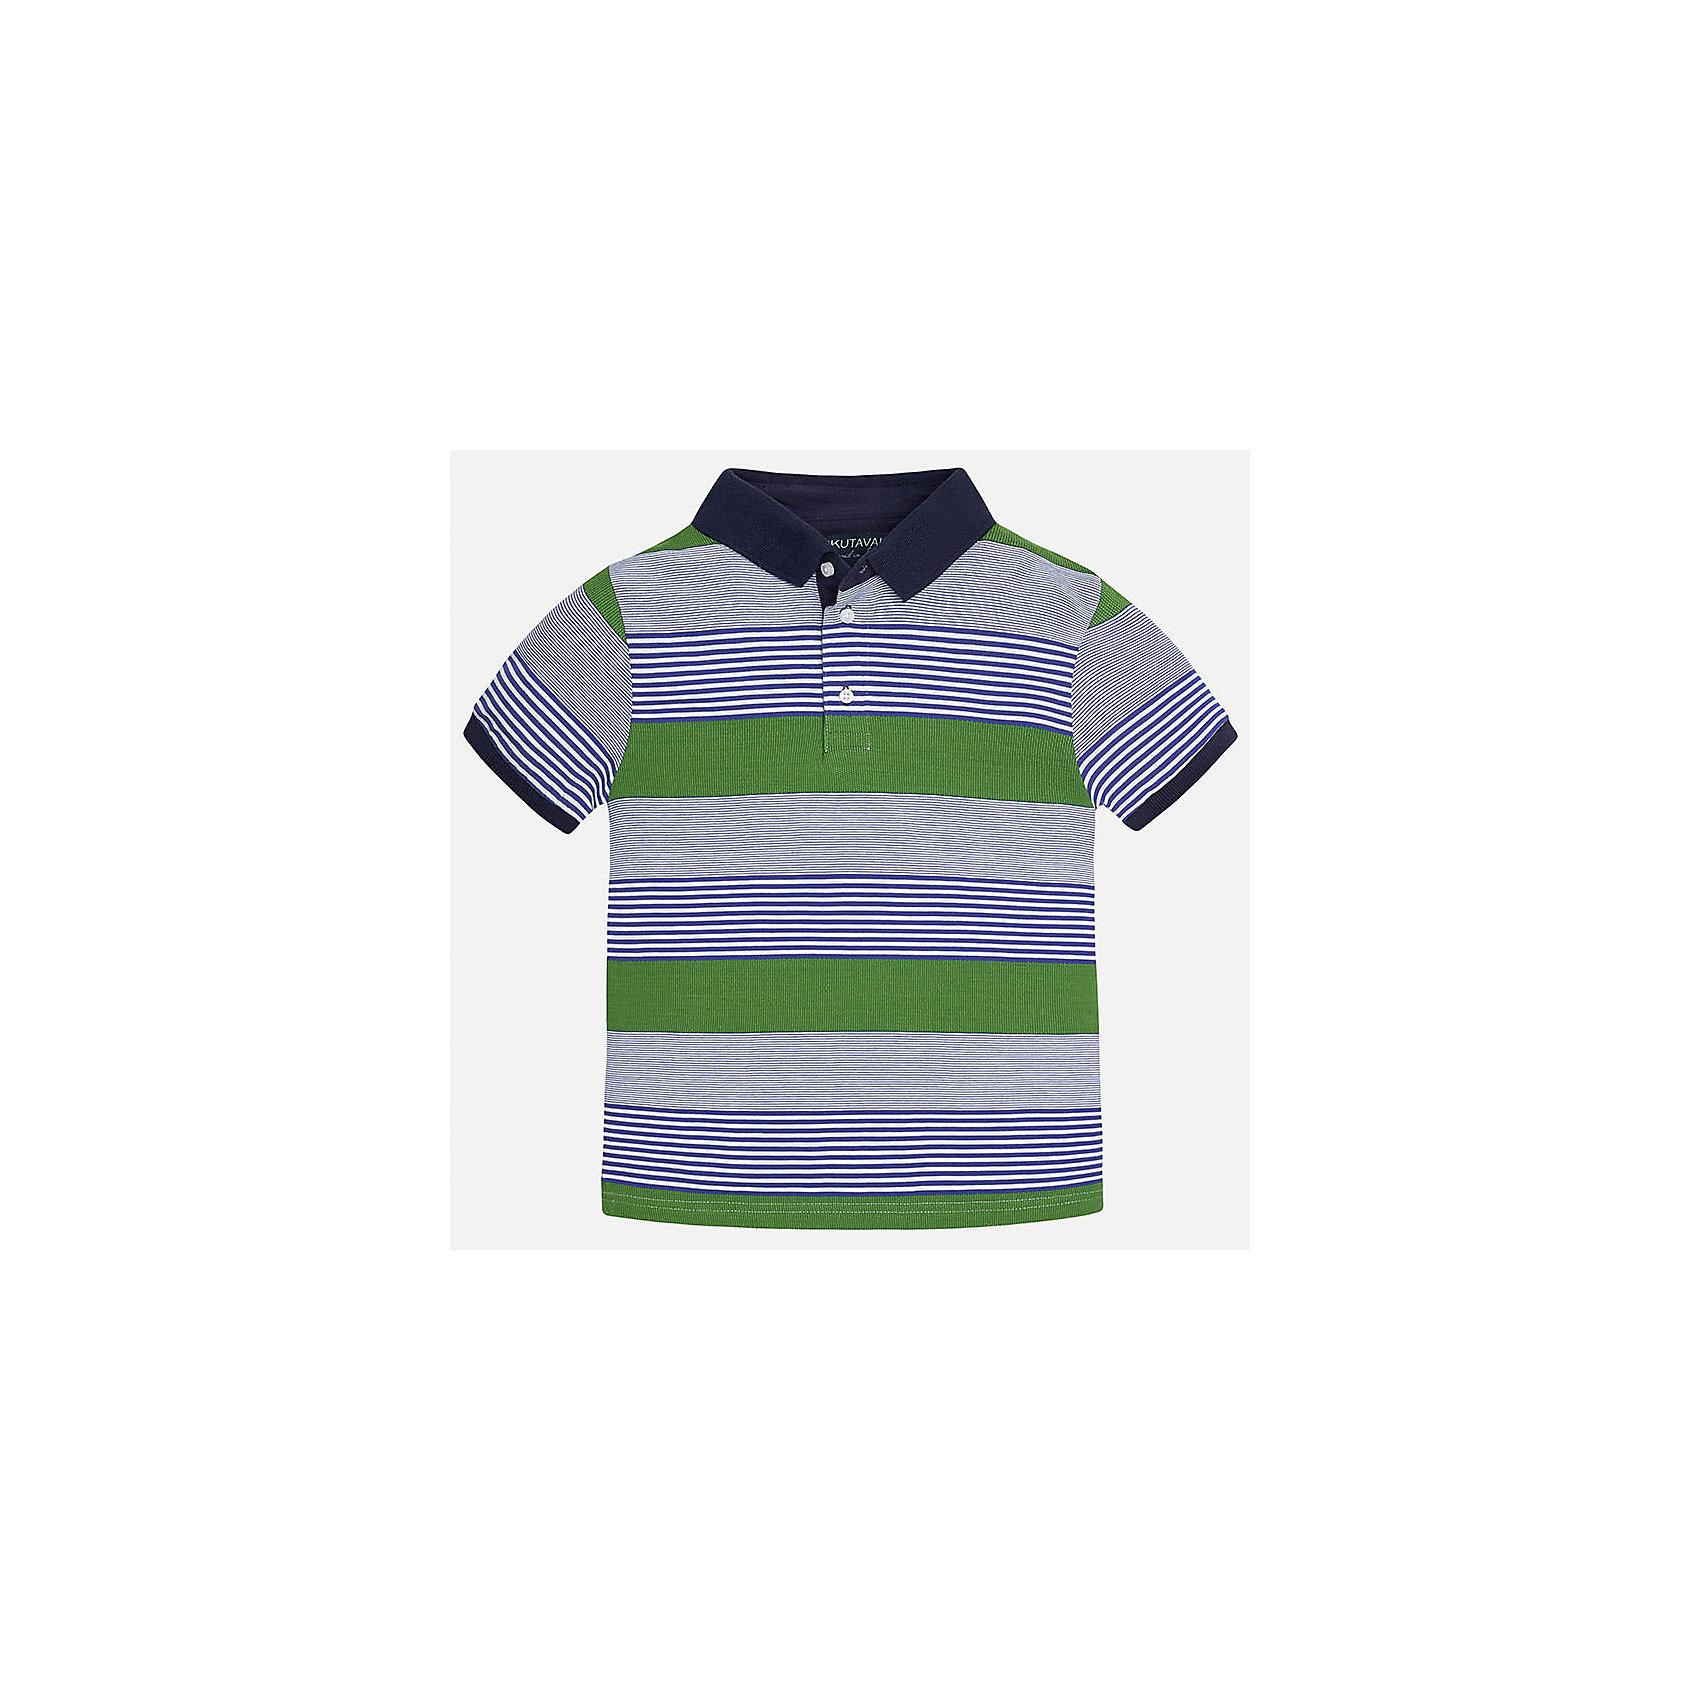 Футболка-поло для мальчика MayoralХарактеристики товара:<br><br>• цвет: серый/зеленый/синий<br>• состав: 100% хлопок<br>• отложной воротник<br>• декорирована вышивкой<br>• короткие рукава<br>• застежки: пуговицы<br>• страна бренда: Испания<br><br>Удобная стильная футболка-поло поможет разнообразить гардероб мальчика. Она отлично сочетается с брюками, шортами, джинсами. Универсальный крой и цвет позволяет подобрать к вещи низ разных расцветок. Практичное и стильное изделие! Хорошо смотрится и комфортно сидит на детях. В составе материала - только натуральный хлопок, гипоаллергенный, приятный на ощупь, дышащий. <br><br>Одежда, обувь и аксессуары от испанского бренда Mayoral полюбились детям и взрослым по всему миру. Модели этой марки - стильные и удобные. Для их производства используются только безопасные, качественные материалы и фурнитура. Порадуйте ребенка модными и красивыми вещами от Mayoral! <br><br>Футболка-поло для мальчика от испанского бренда Mayoral (Майорал) можно купить в нашем интернет-магазине.<br><br>Ширина мм: 230<br>Глубина мм: 40<br>Высота мм: 220<br>Вес г: 250<br>Цвет: разноцветный<br>Возраст от месяцев: 156<br>Возраст до месяцев: 168<br>Пол: Мужской<br>Возраст: Детский<br>Размер: 170,164,158,152,140,128/134<br>SKU: 5281472